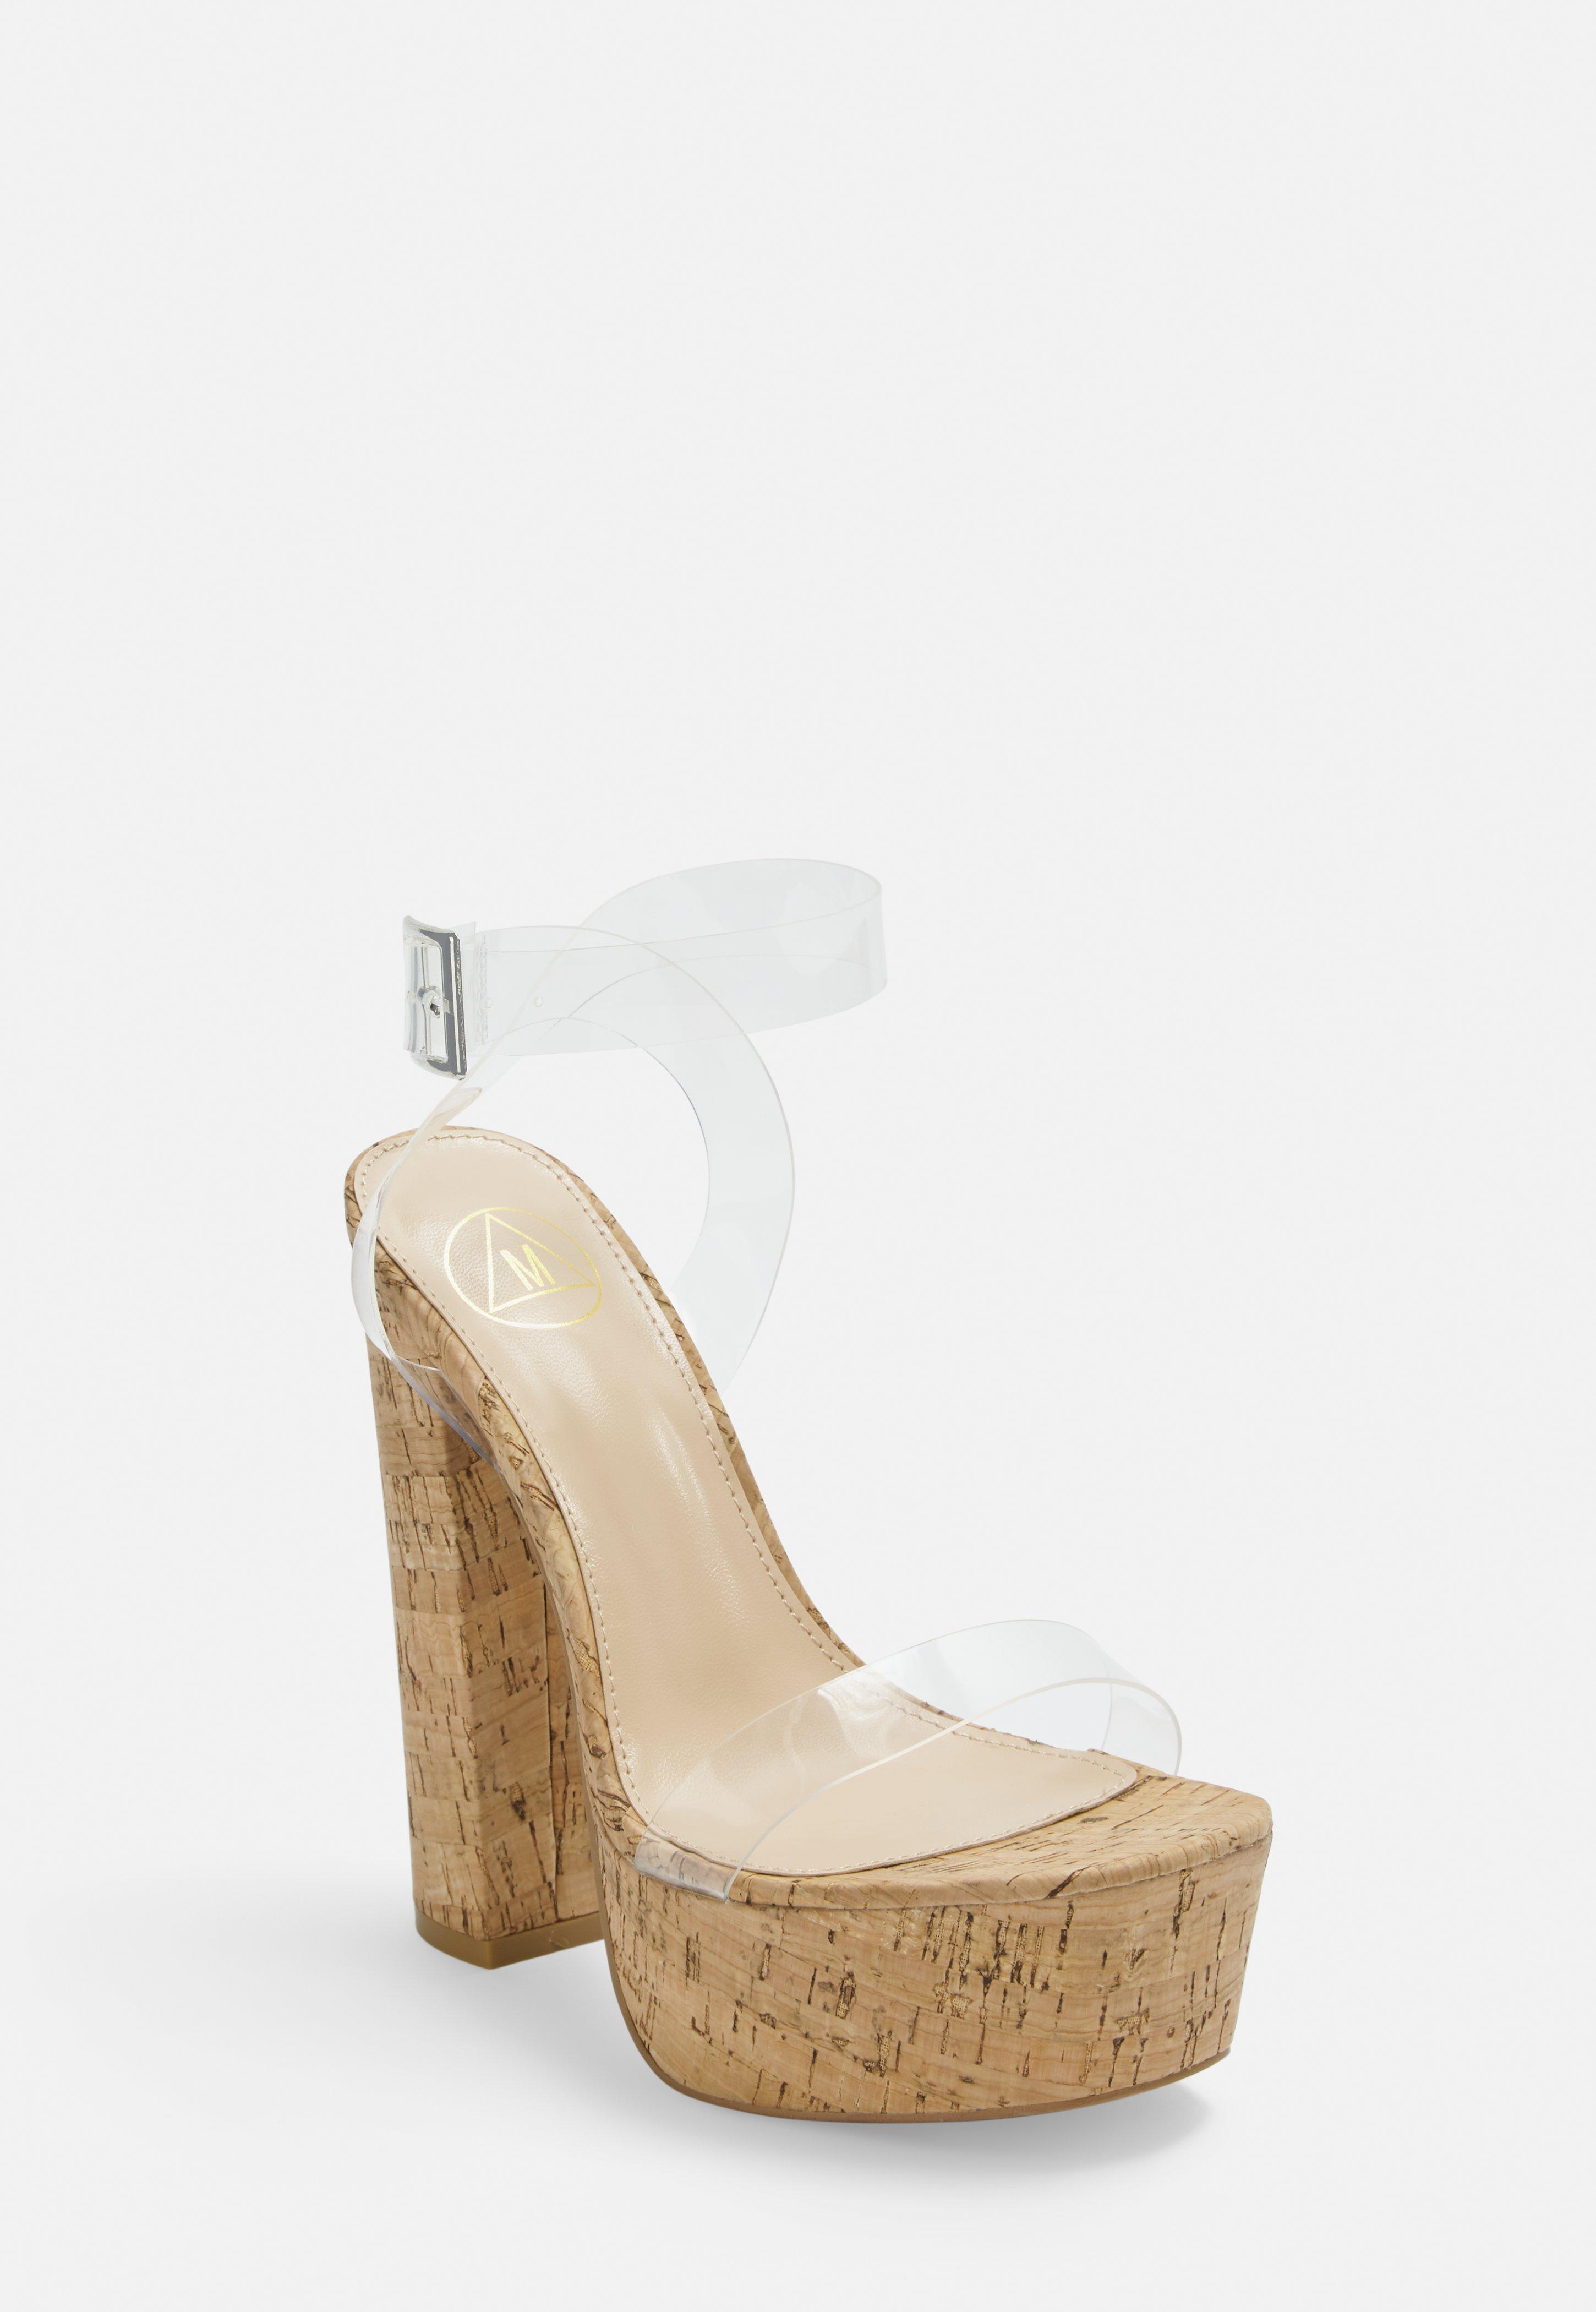 0f83ece358de Shoes | Women's Footwear Online UK - Missguided